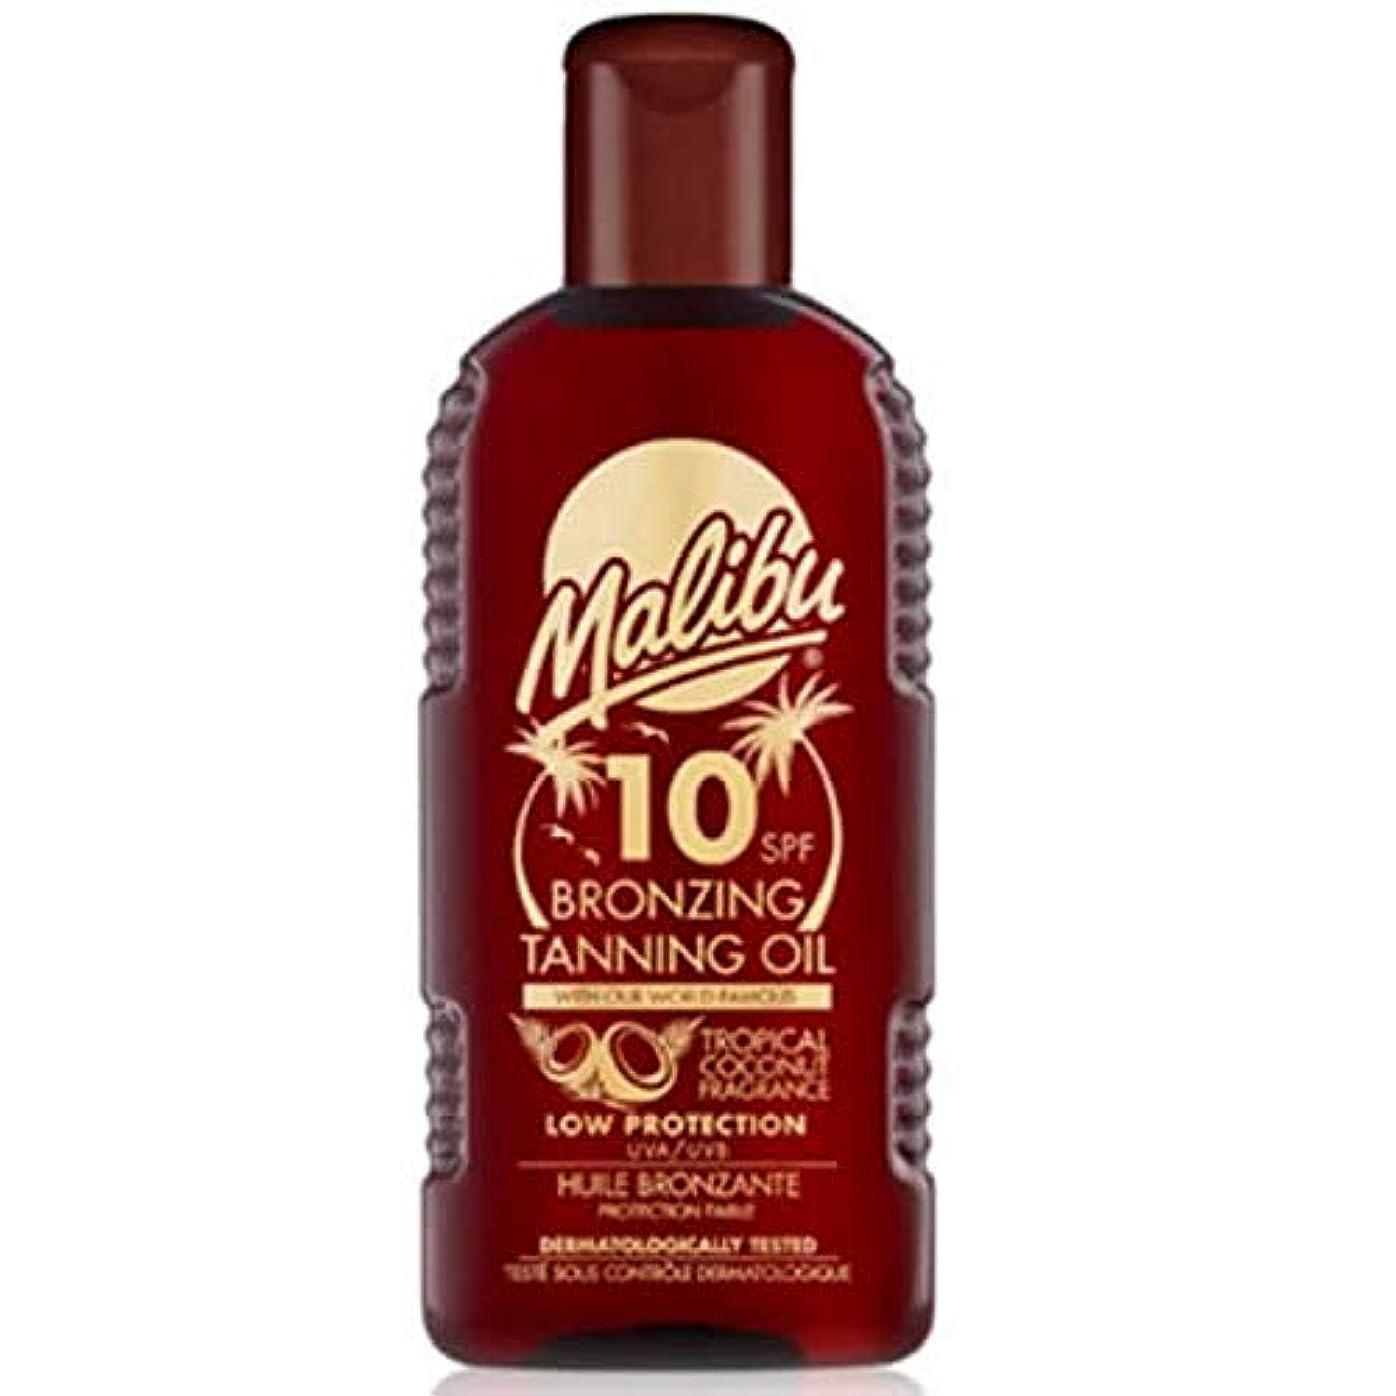 ブラウン最後にクローゼット[Malibu ] マリブブロンズ日焼けオイルSpf 10 - Malibu Bronzing Tanning Oil SPF 10 [並行輸入品]